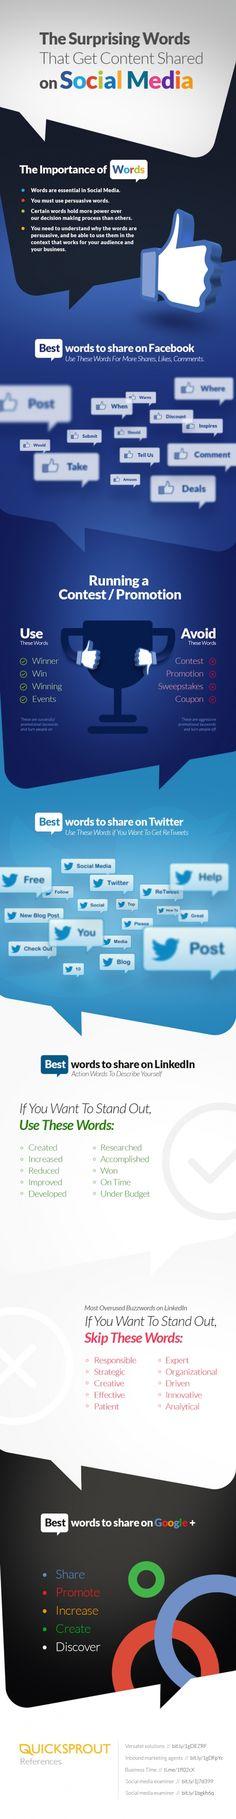 Gebruik deze woorden om meer social shares te bereiken. #infographic